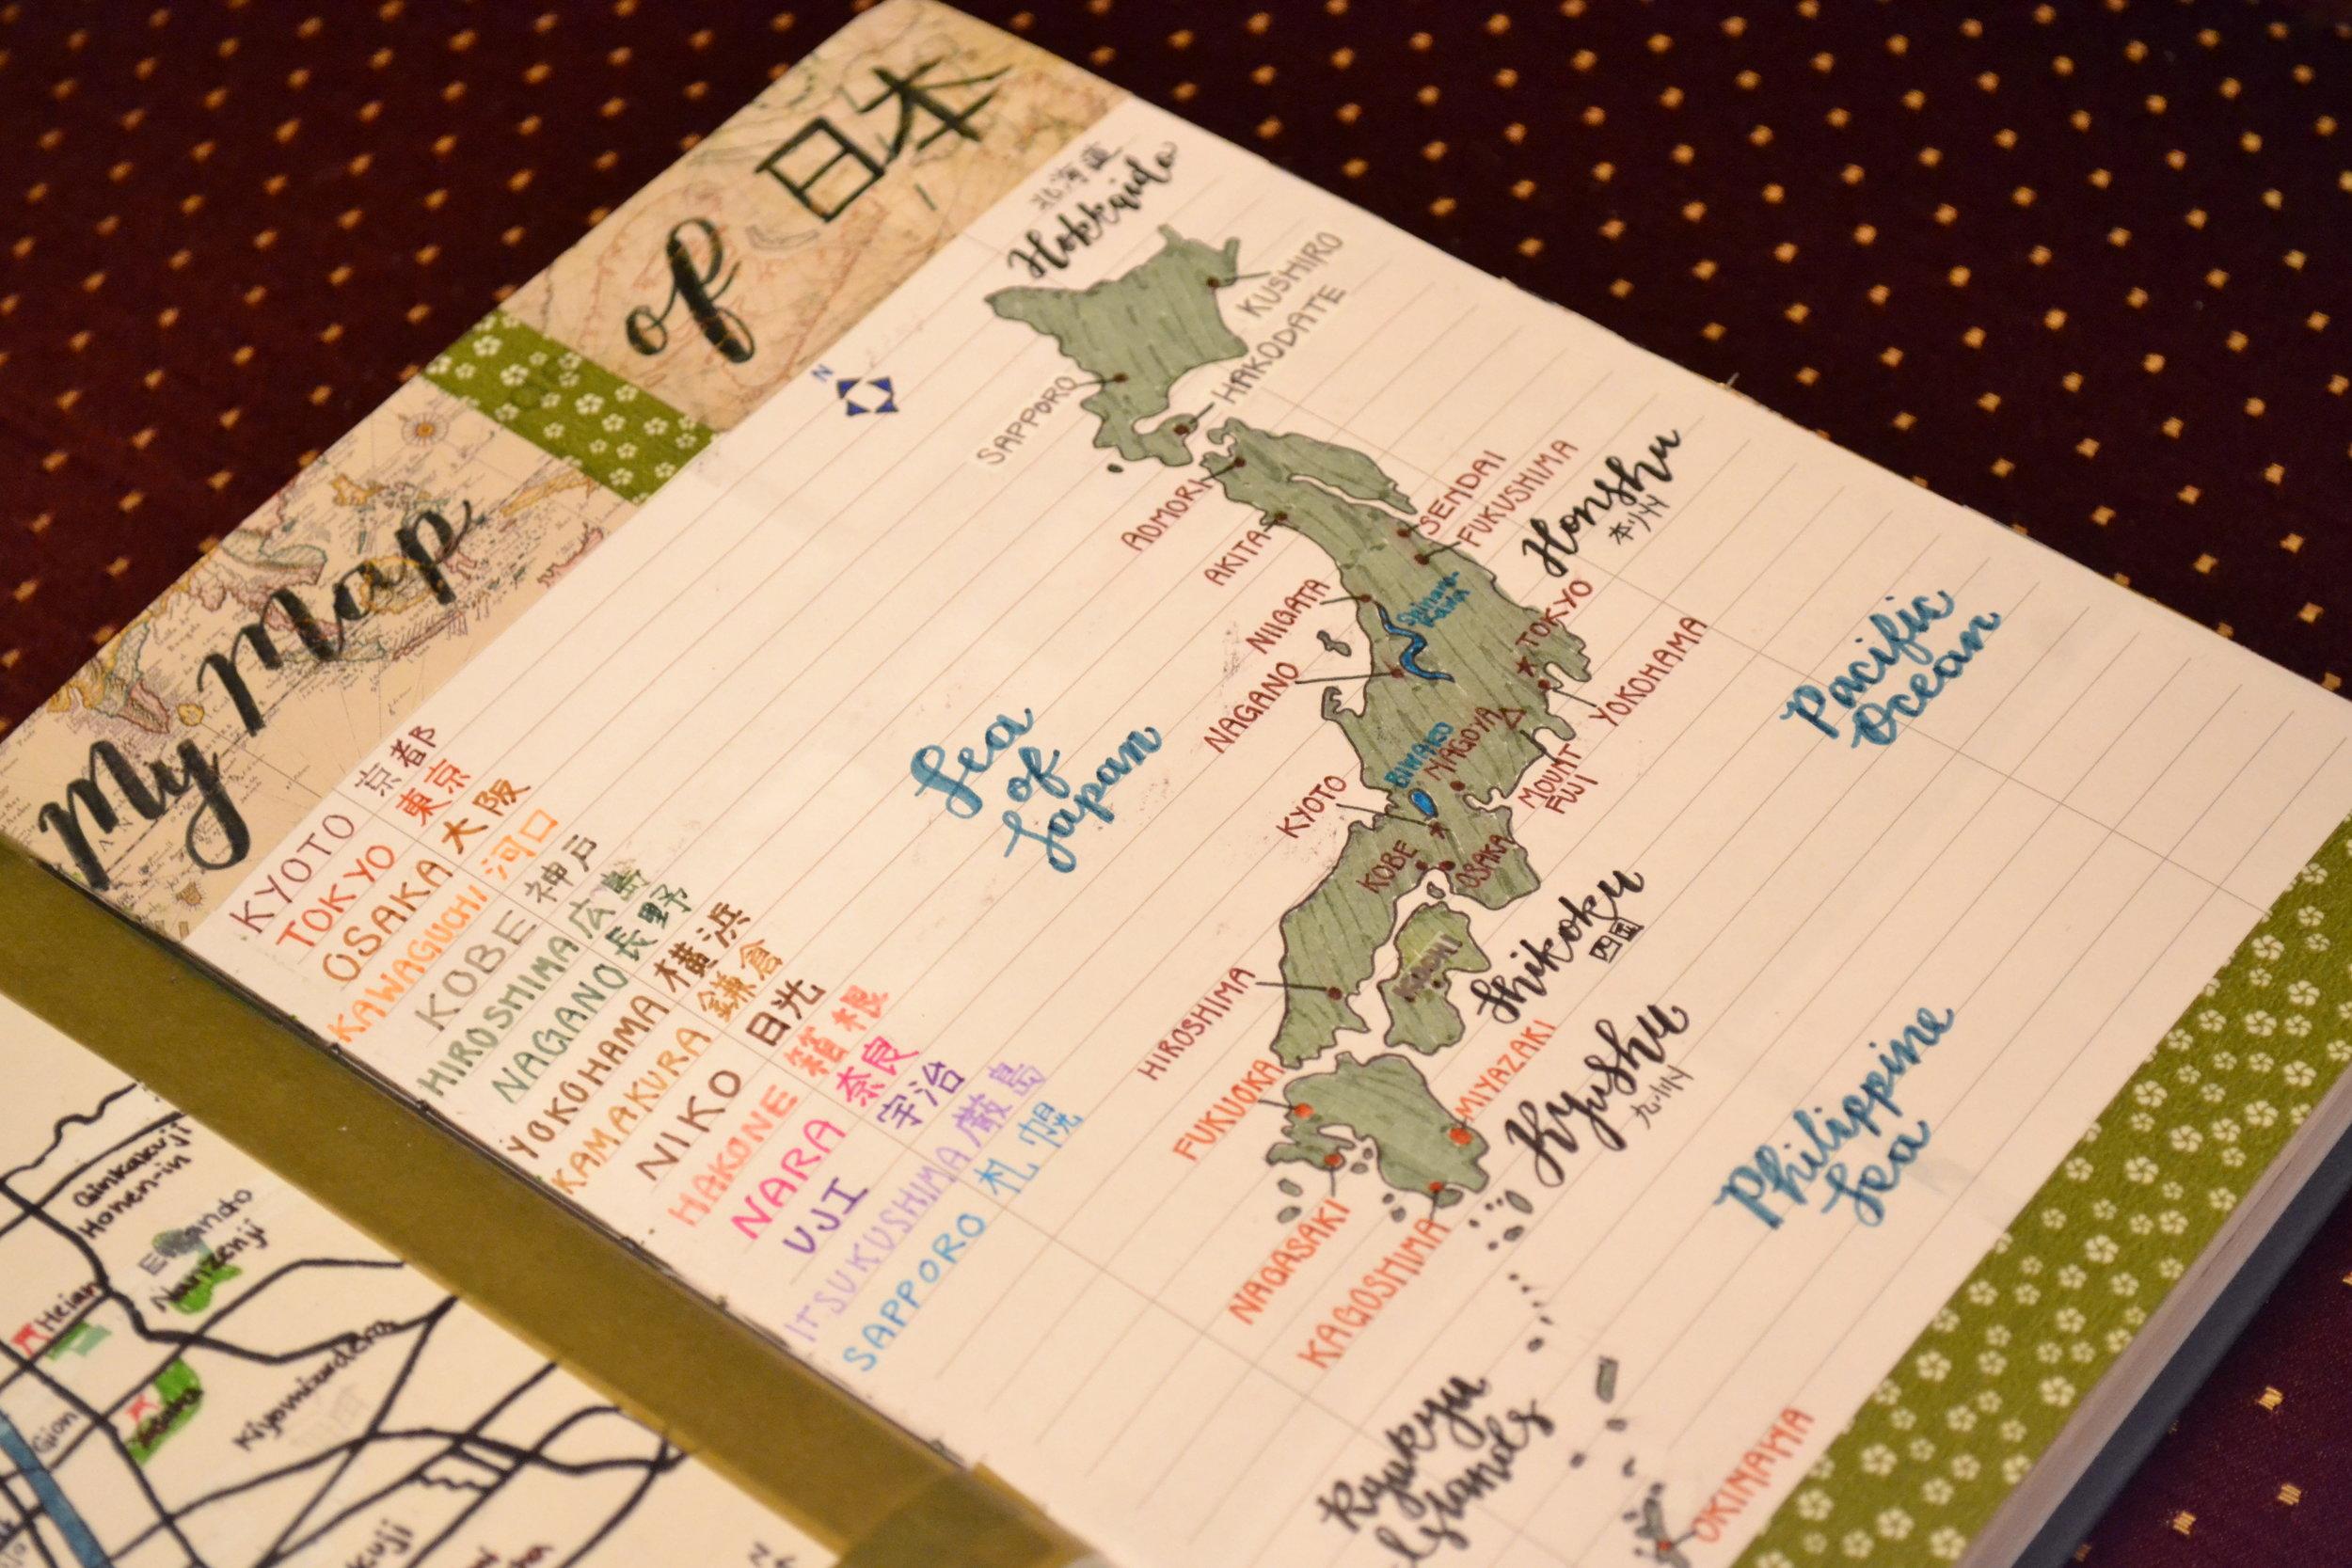 Finalmente, me encanta listar los lugares donde quiero visitar y los lugares donde yo he visitado. Los mapas son una buena manera para enseñar eso. Voy a seguir escribiendo y dibujando en mi bullet journal hasta que me canse.